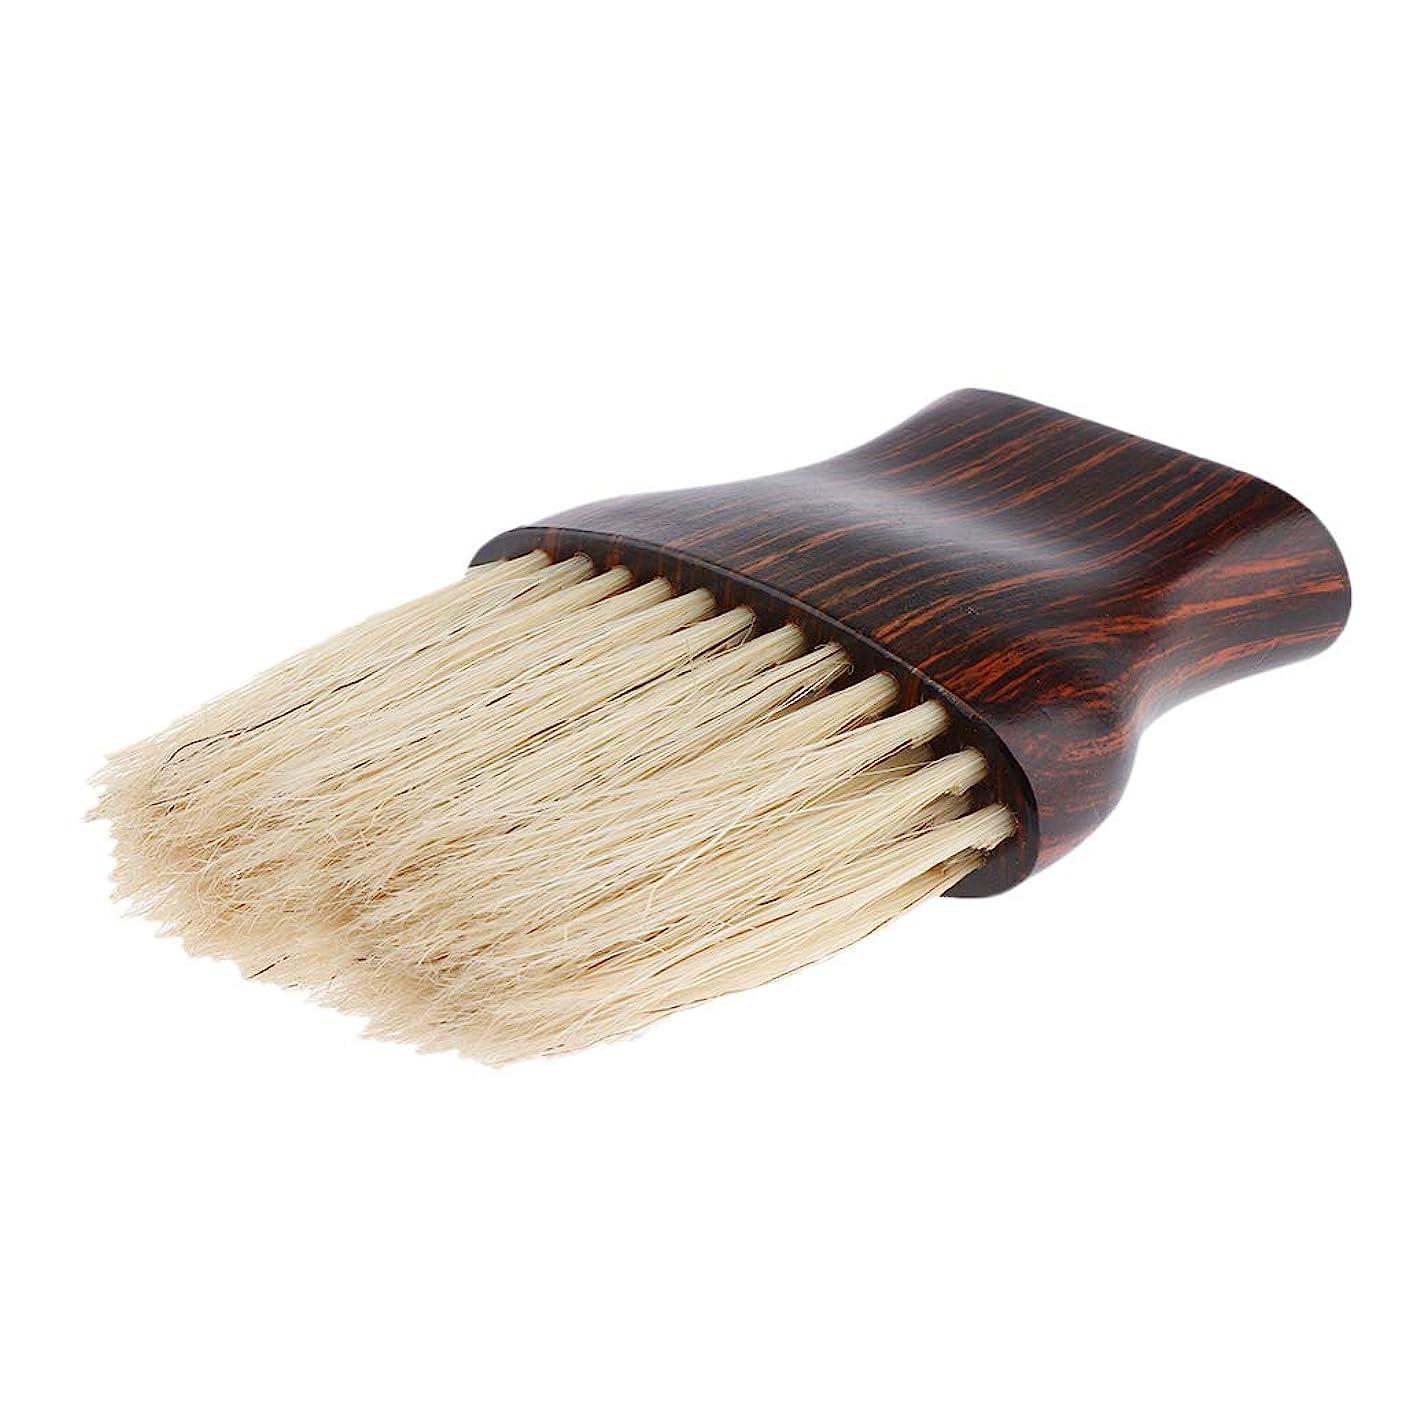 中毒良心閉塞CUTICATE ヘアカットブラシ ネックダスタークリーニング ヘアブラシ 理髪師理髪ツール